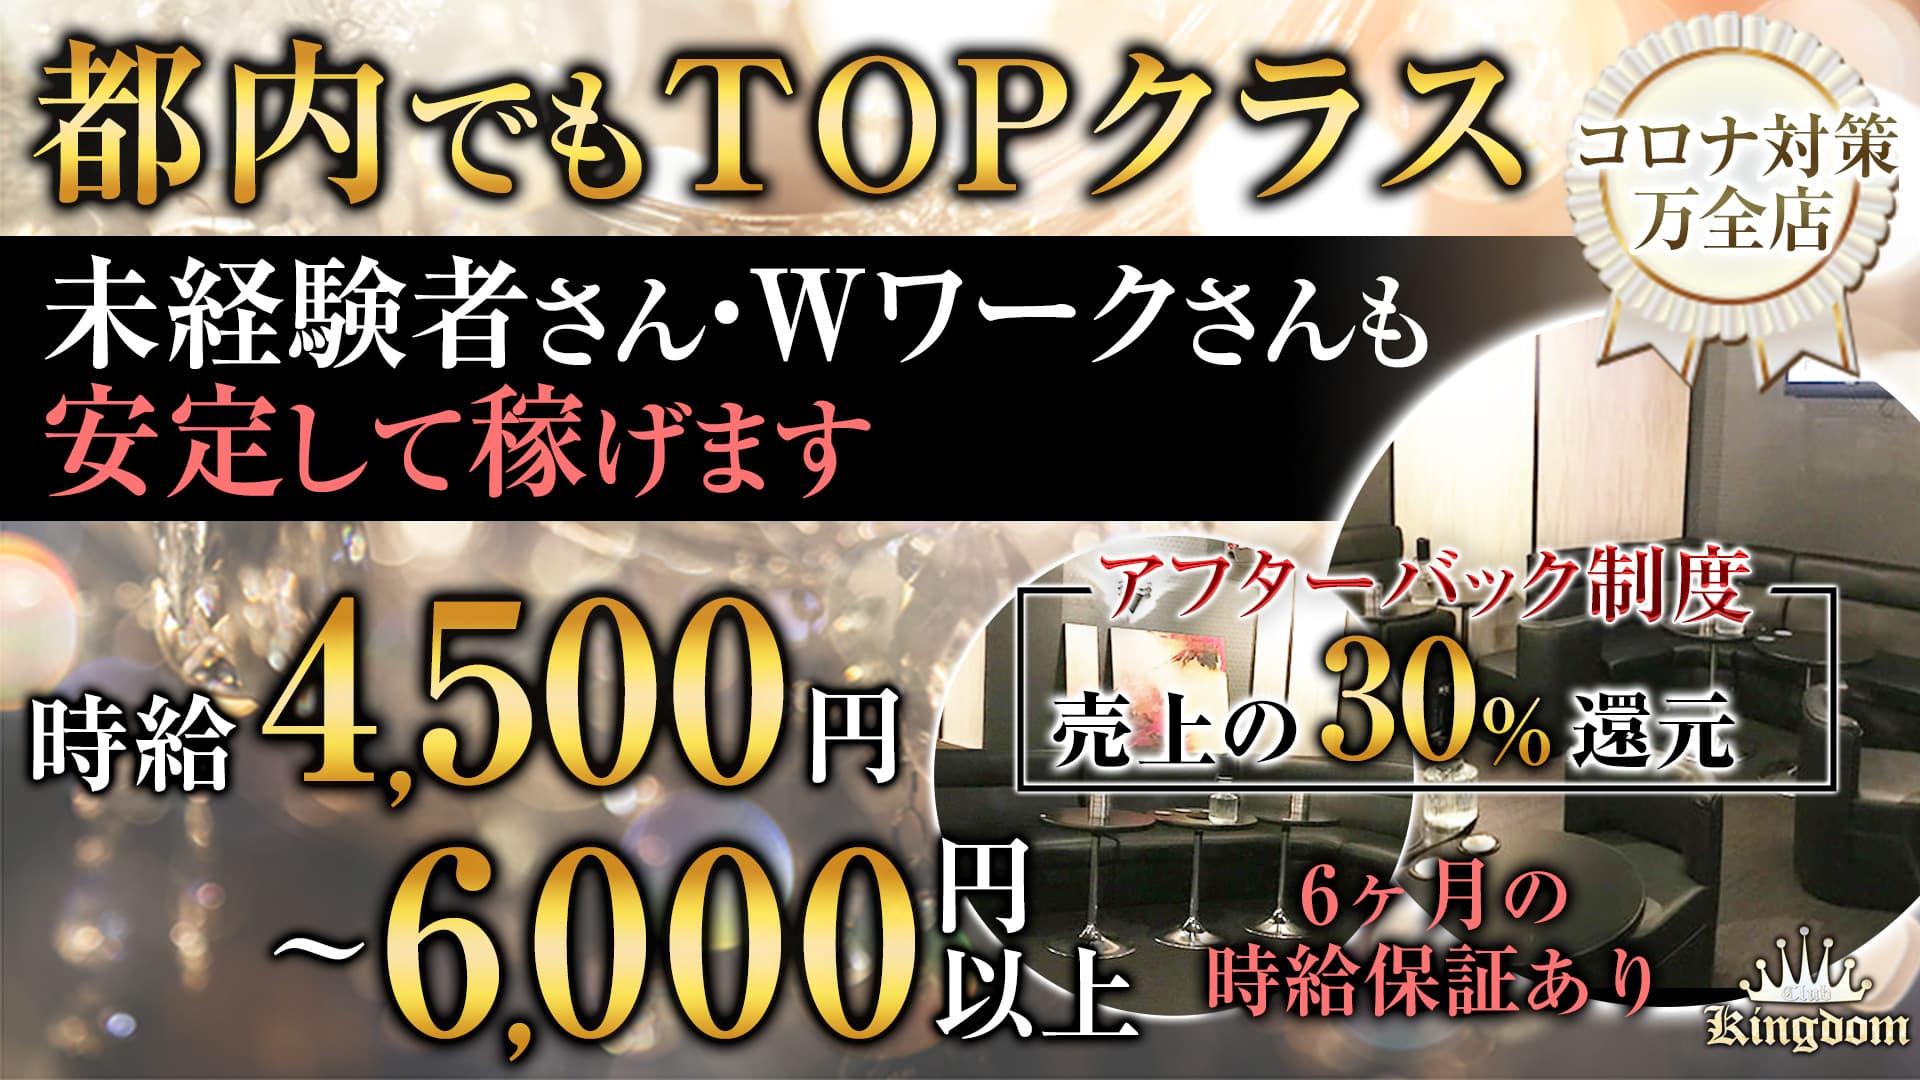 【大井町】CLUB KINGDOM(キングダム)【公式求人・体入情報】 大井町キャバクラ TOP画像